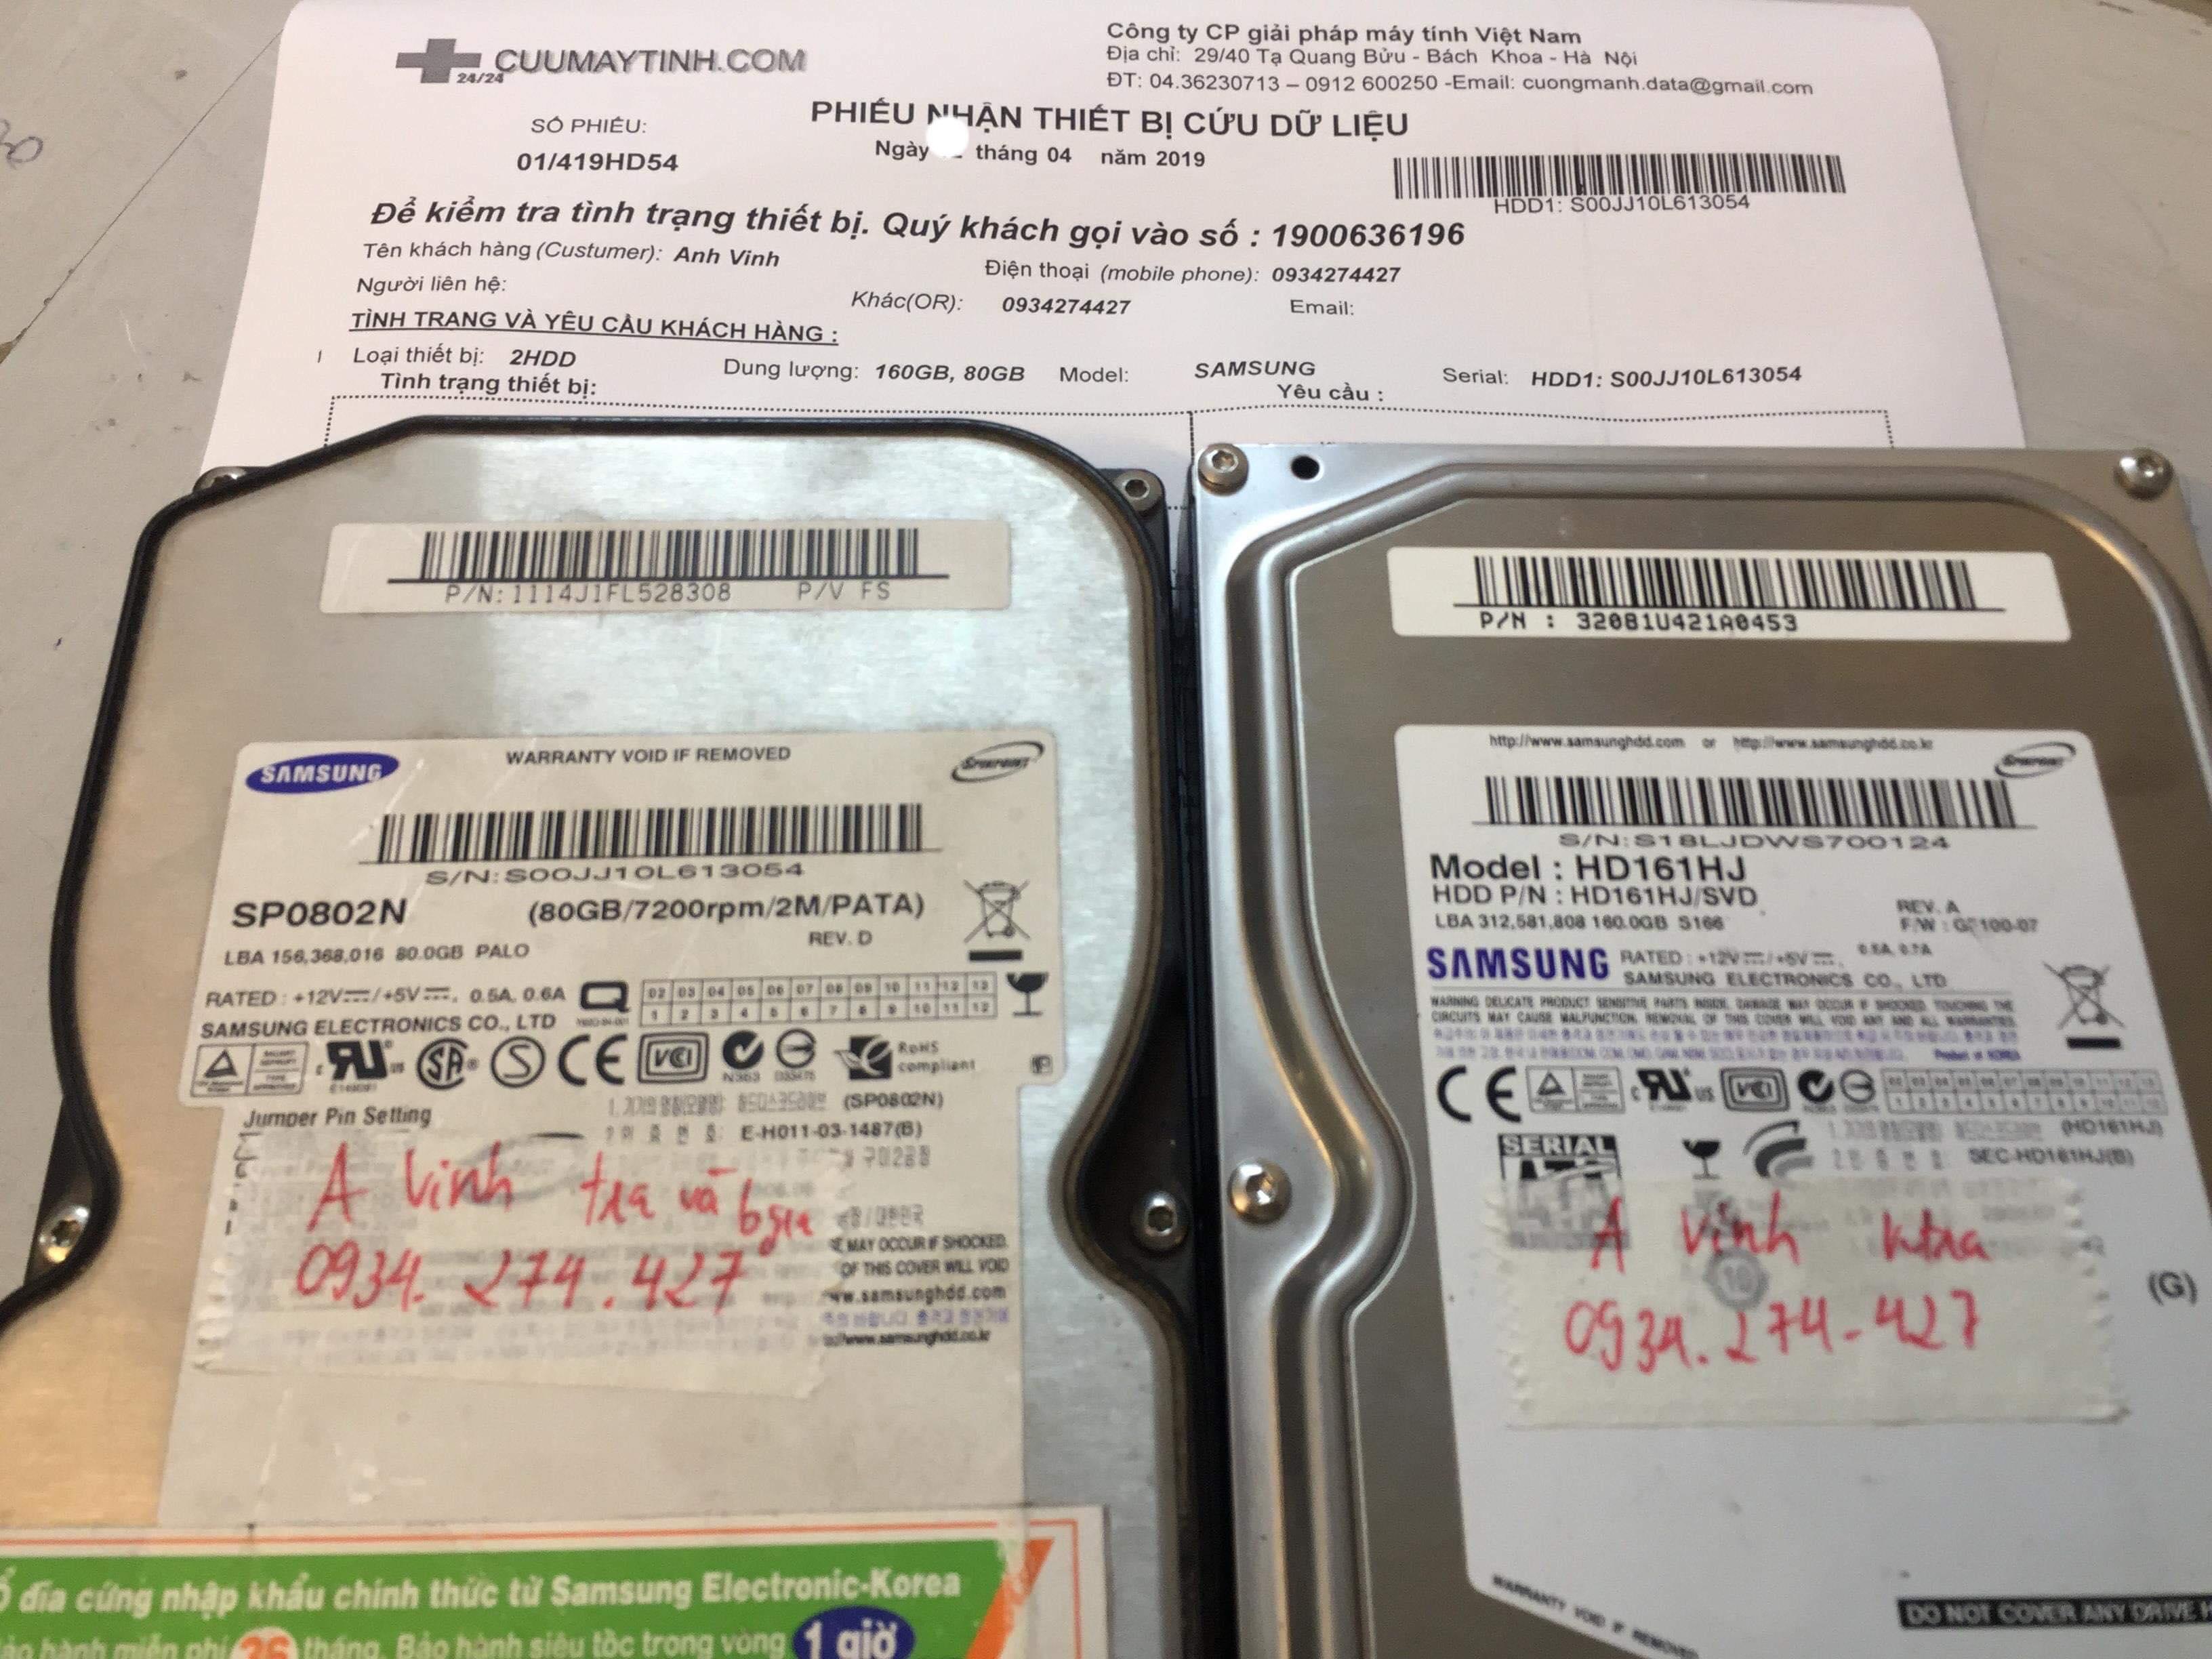 Lấy dữ liệu ổ cứng Samsung 160GB không nhận 19/04/2019 - cuumaytinh